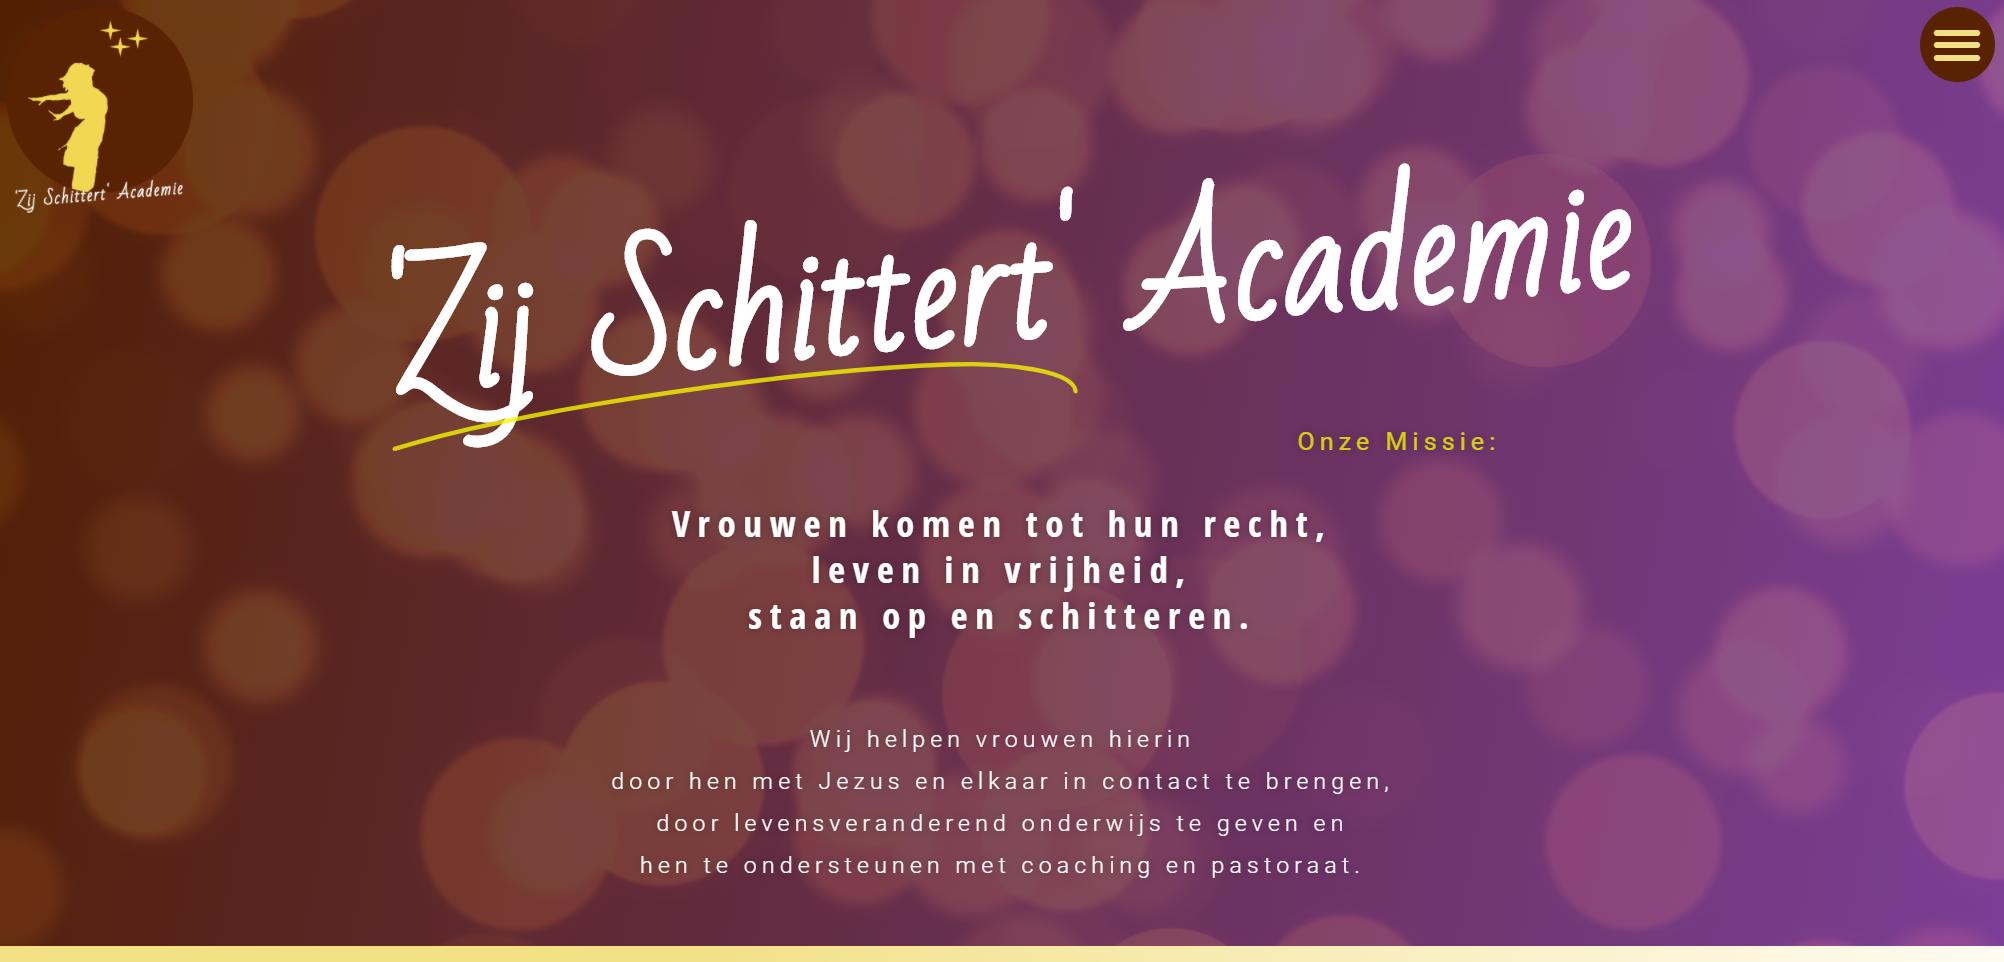 Zij Schittert Academie door Doeltreffend Online